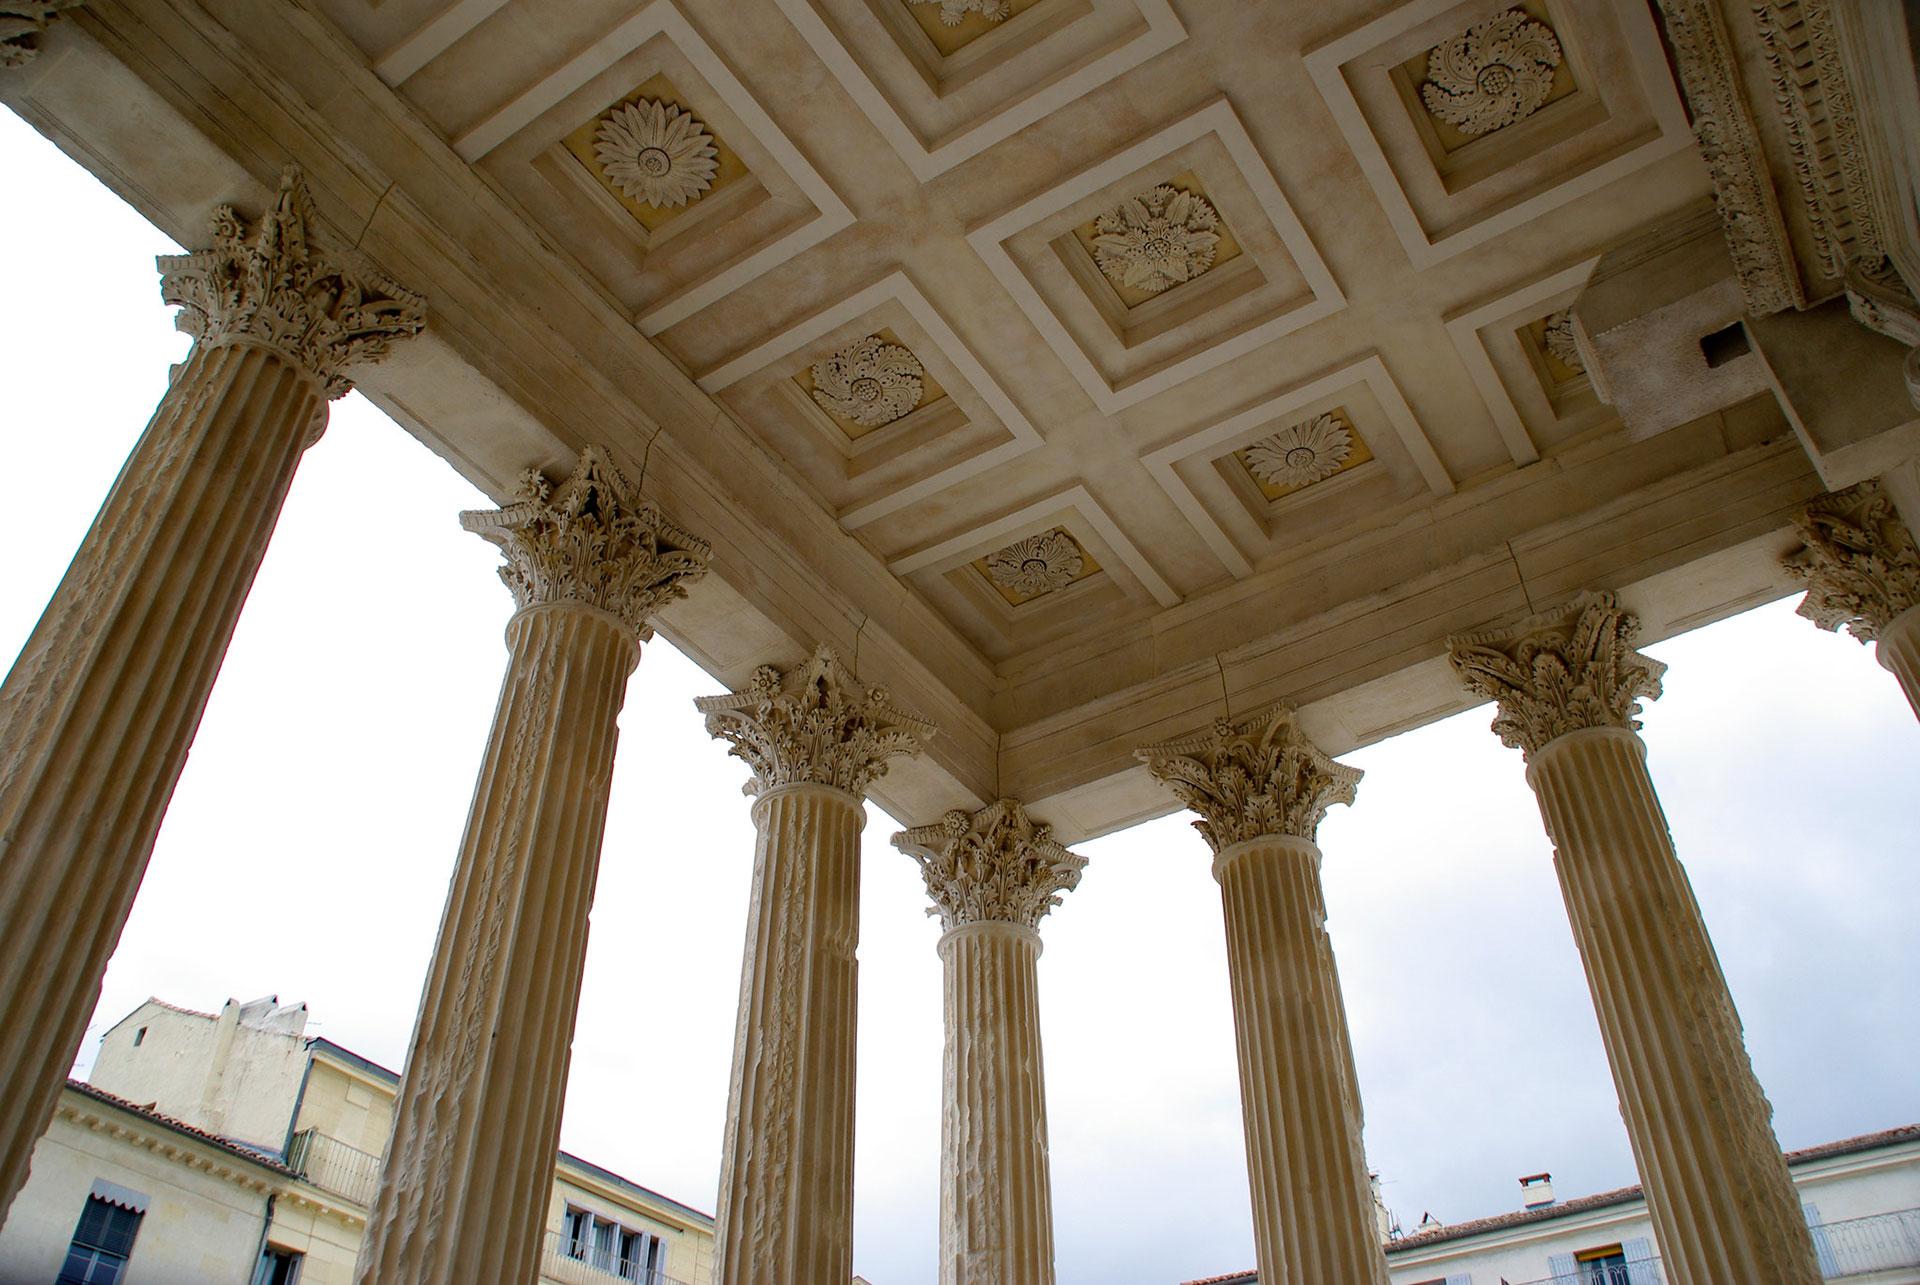 H4 Immobilier - Syndic de copropriété, gestion locative, vente et location de biens immobiliers à Nîmes